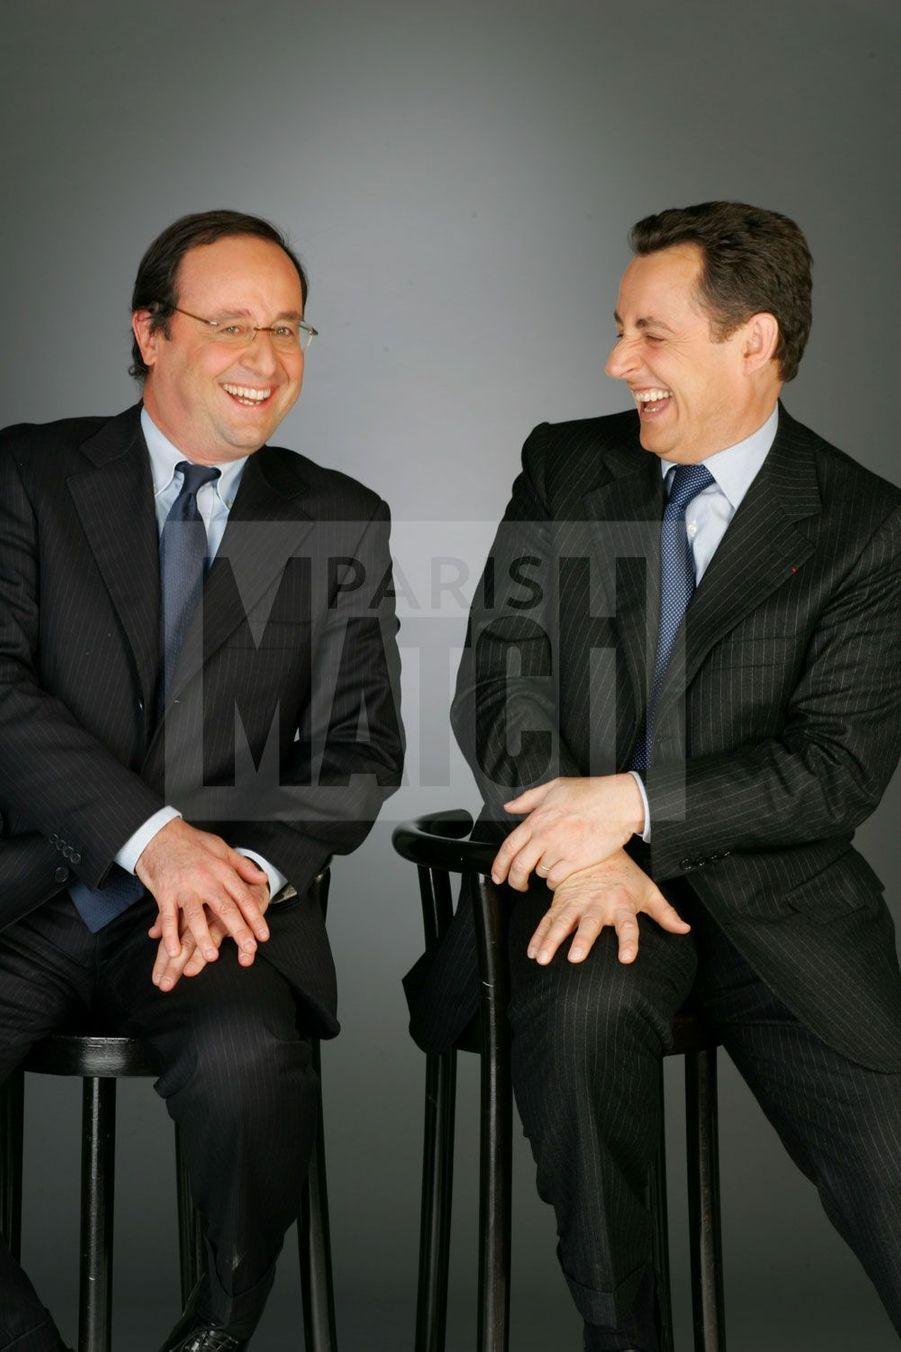 Nicolas Sarkozy et François Hollande posent pour la Une de Match